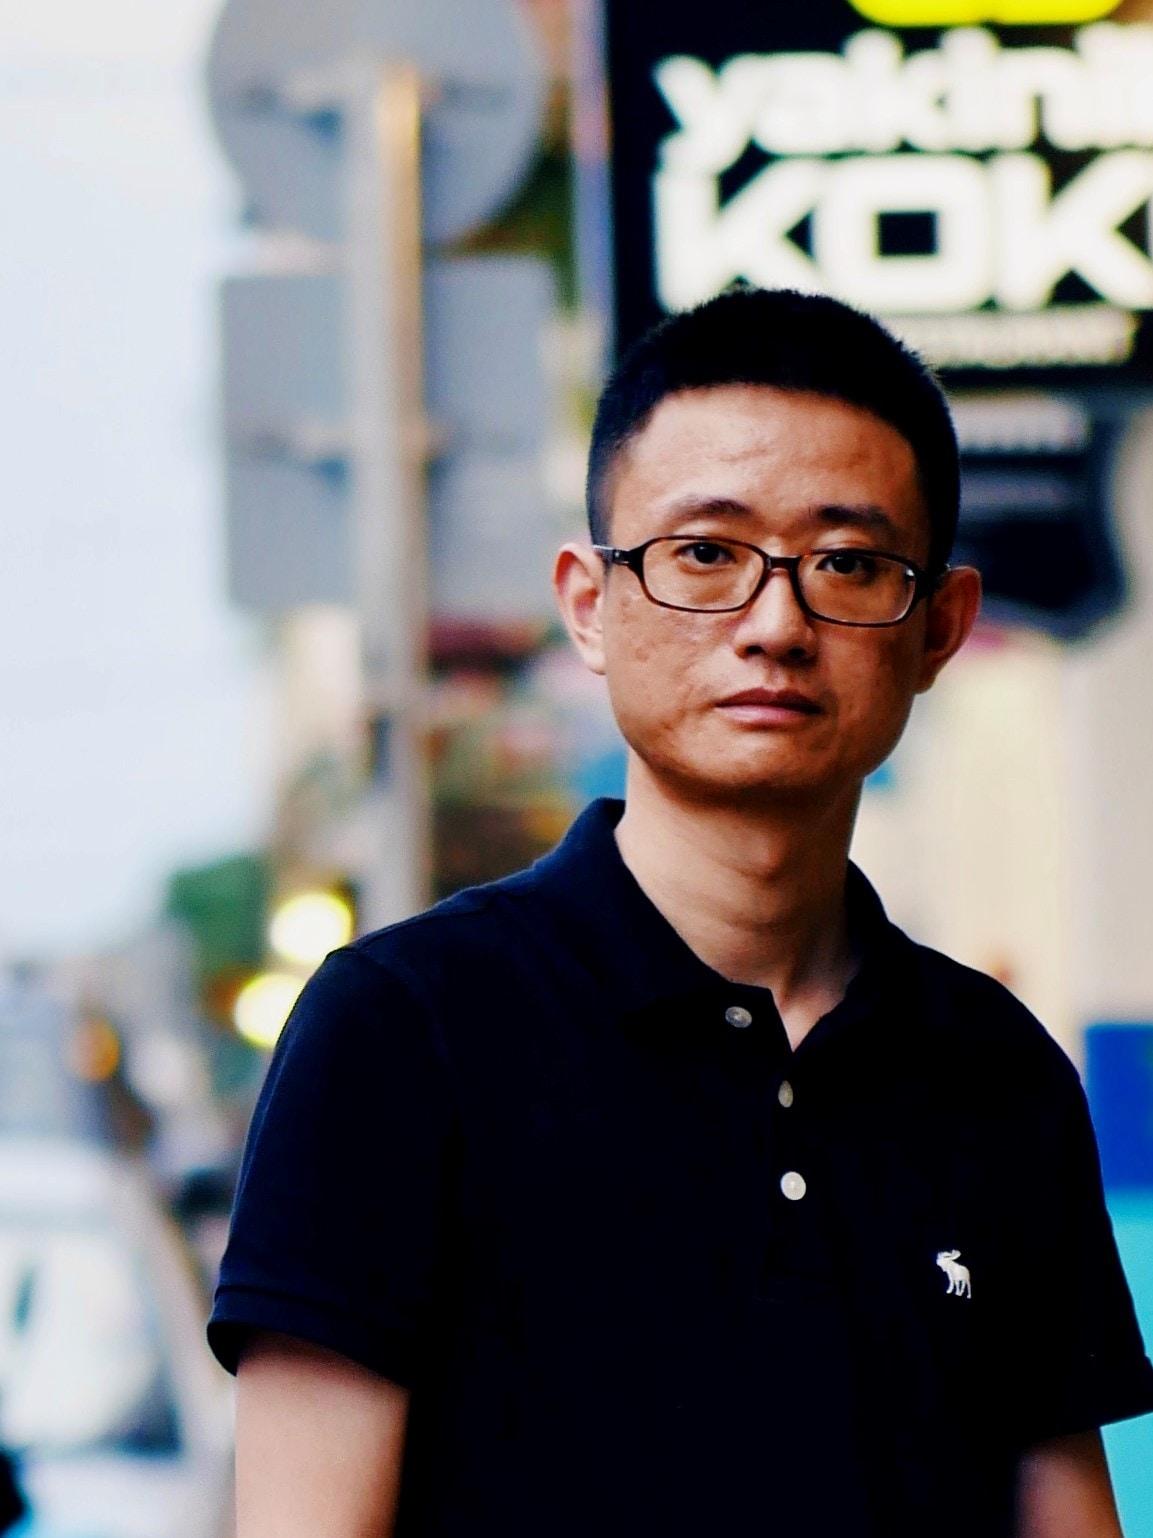 Avatar of user wang xi